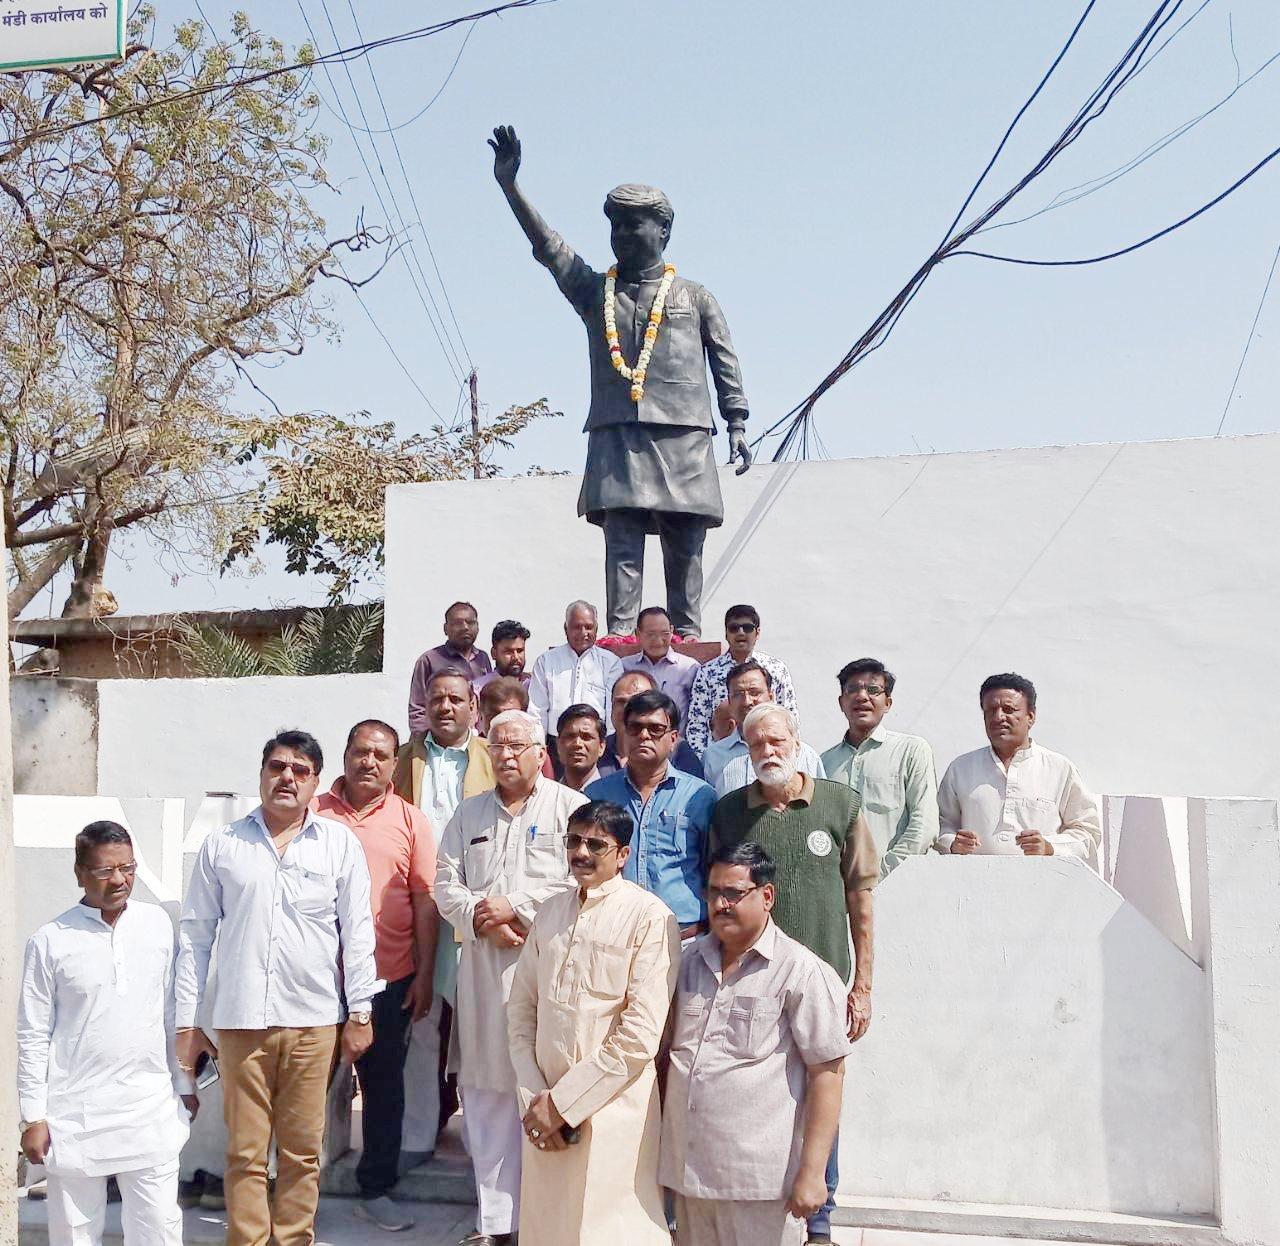 नीमच युवक कांग्रेस द्वारा माधवराव सिंधिया की जयंती मनाई गई